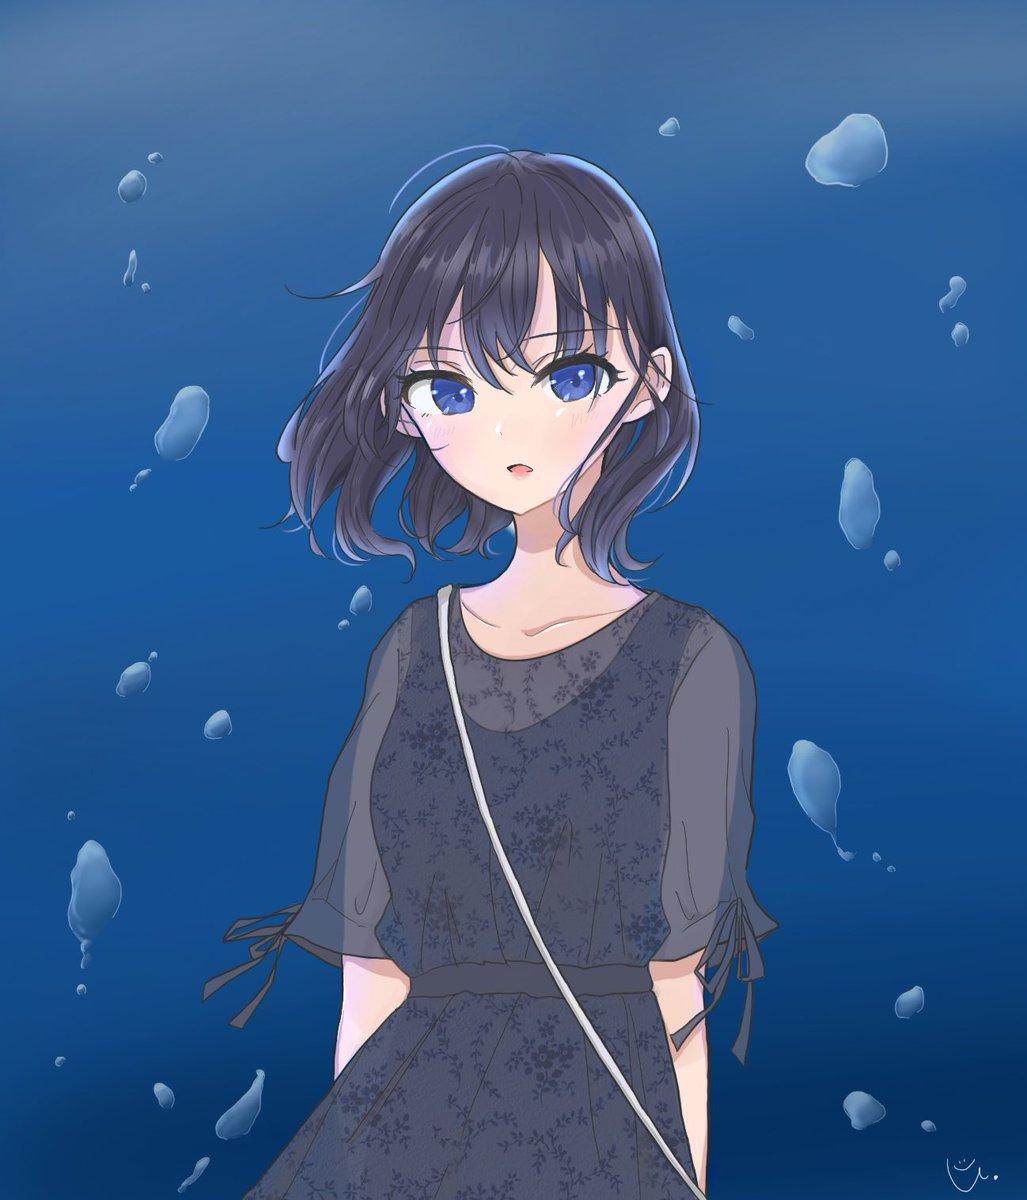 Blue   #イラスト #練習中です #絵描きさんとつながりたいpic.twitter.com/DXcvnk8yNw